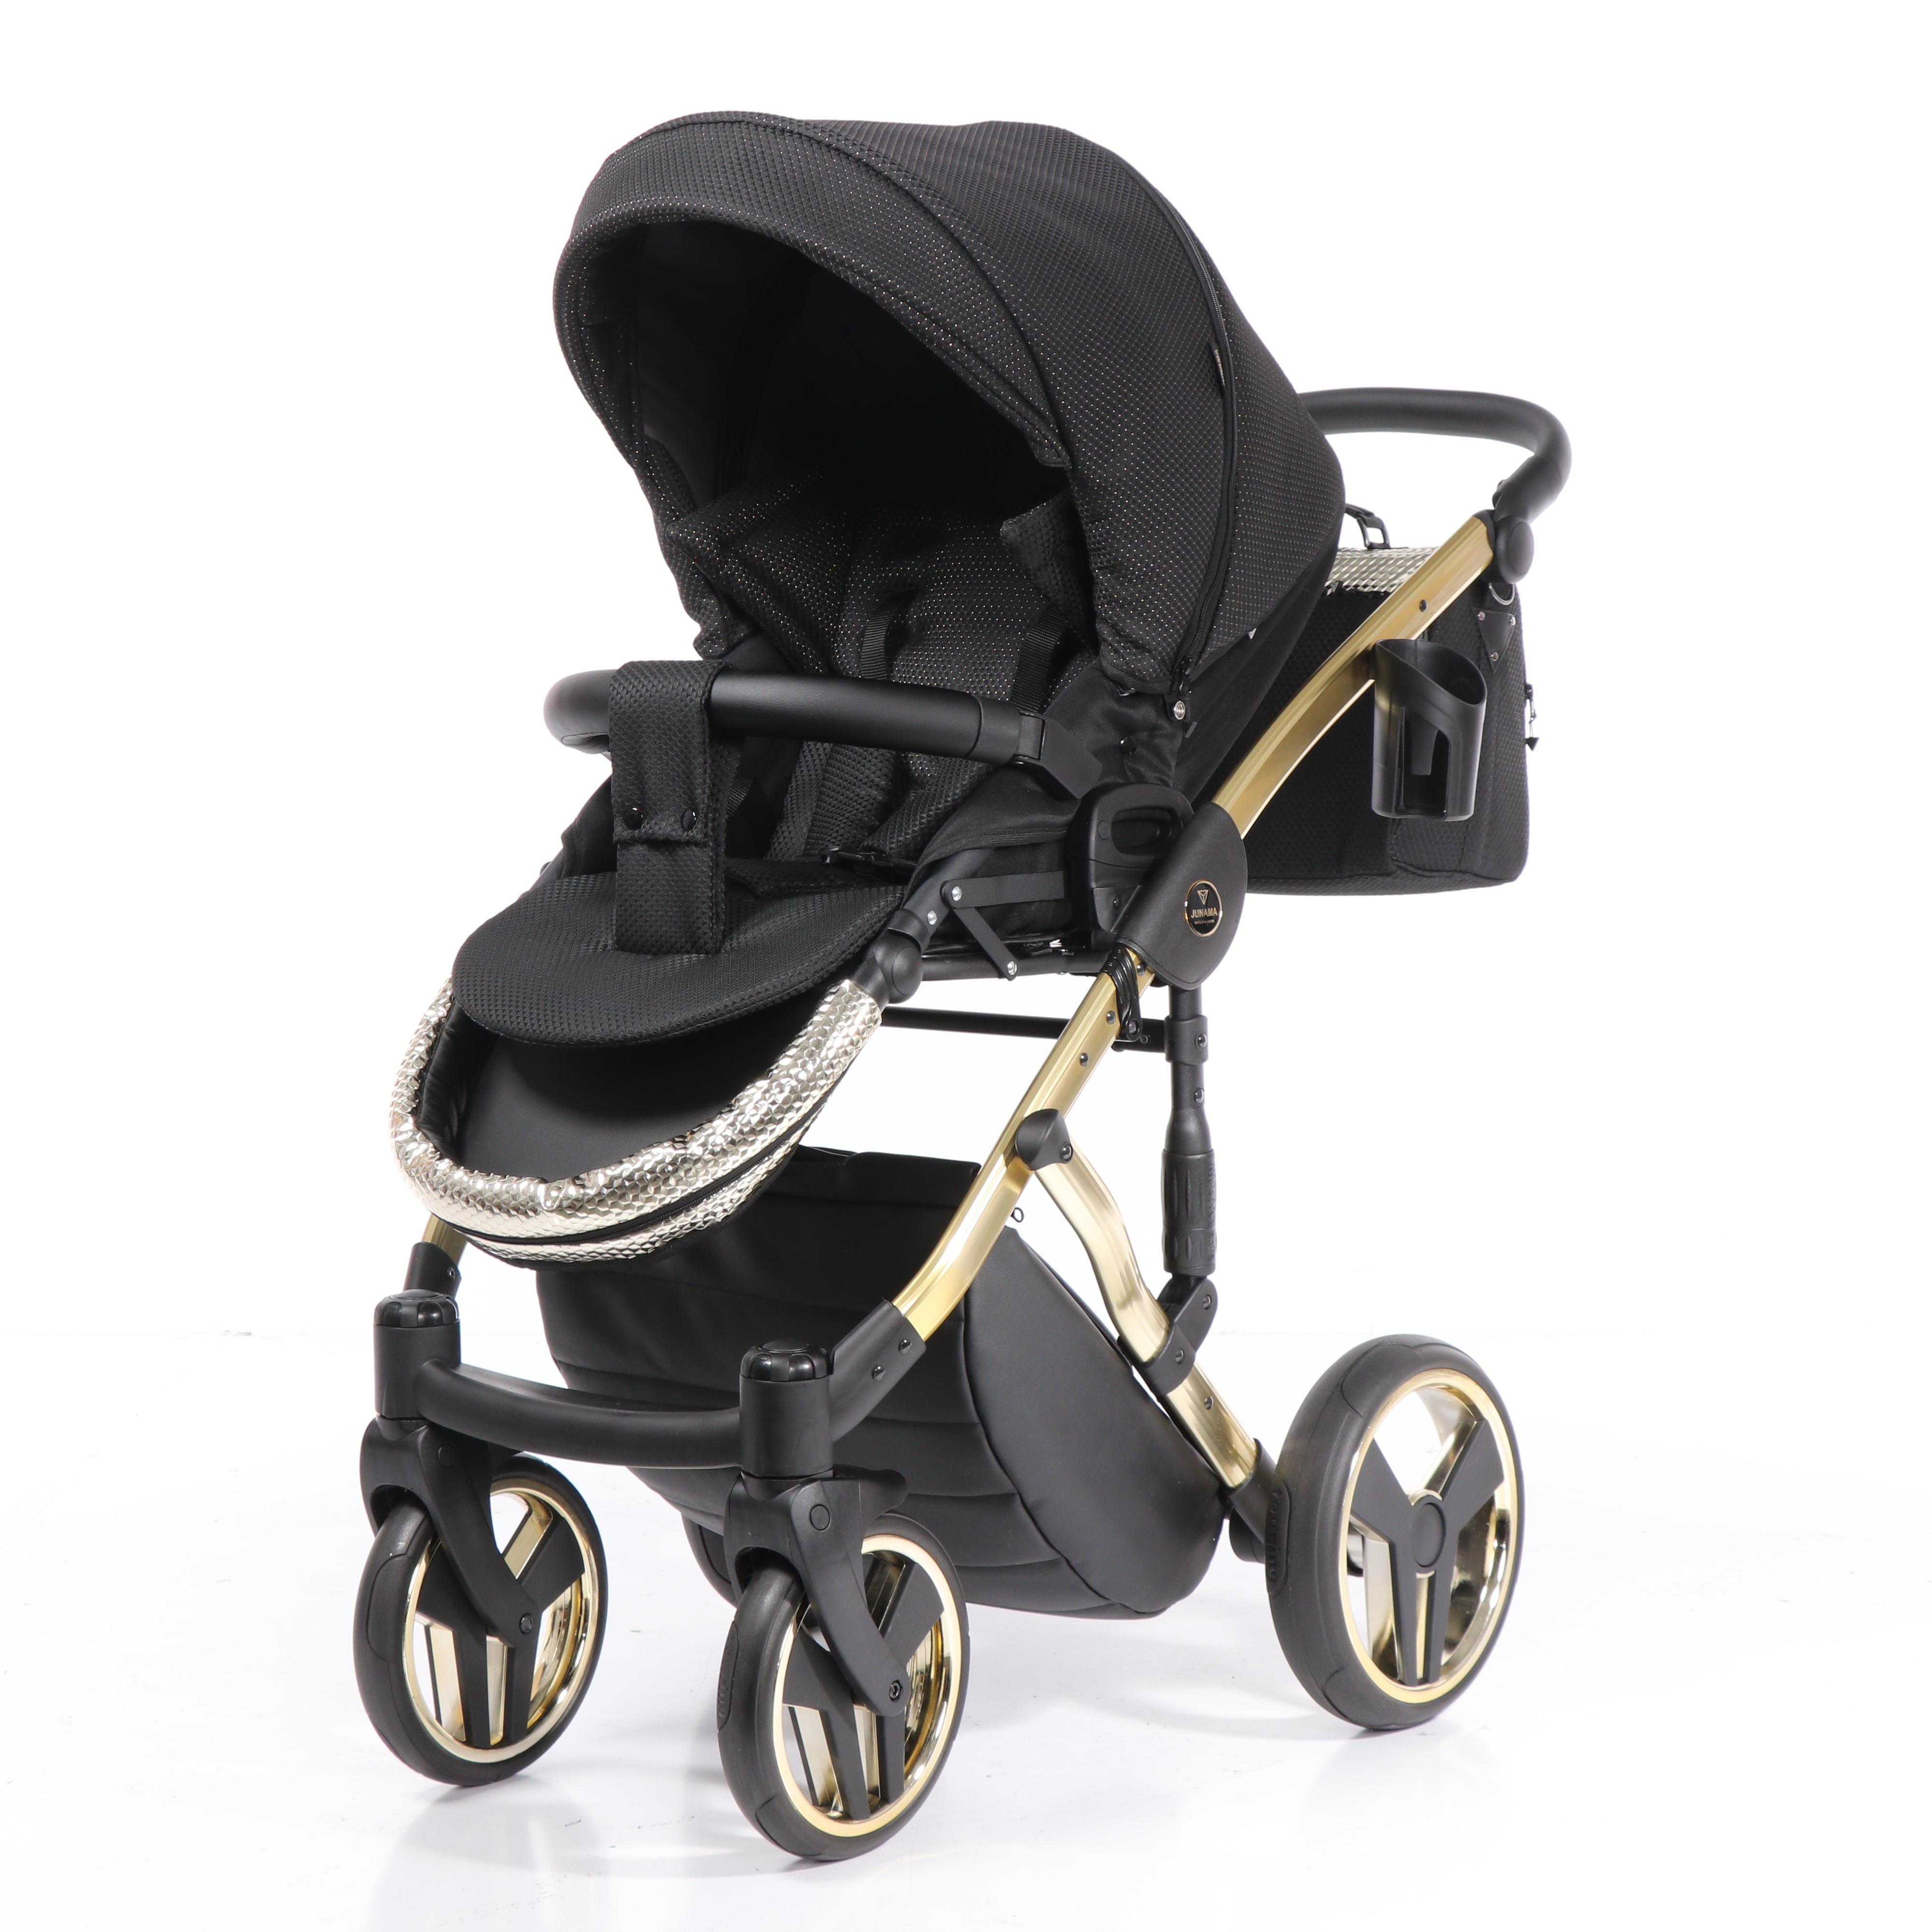 wielofunkcyjny wózek spacerowy Junama Onyx Dadi Shop